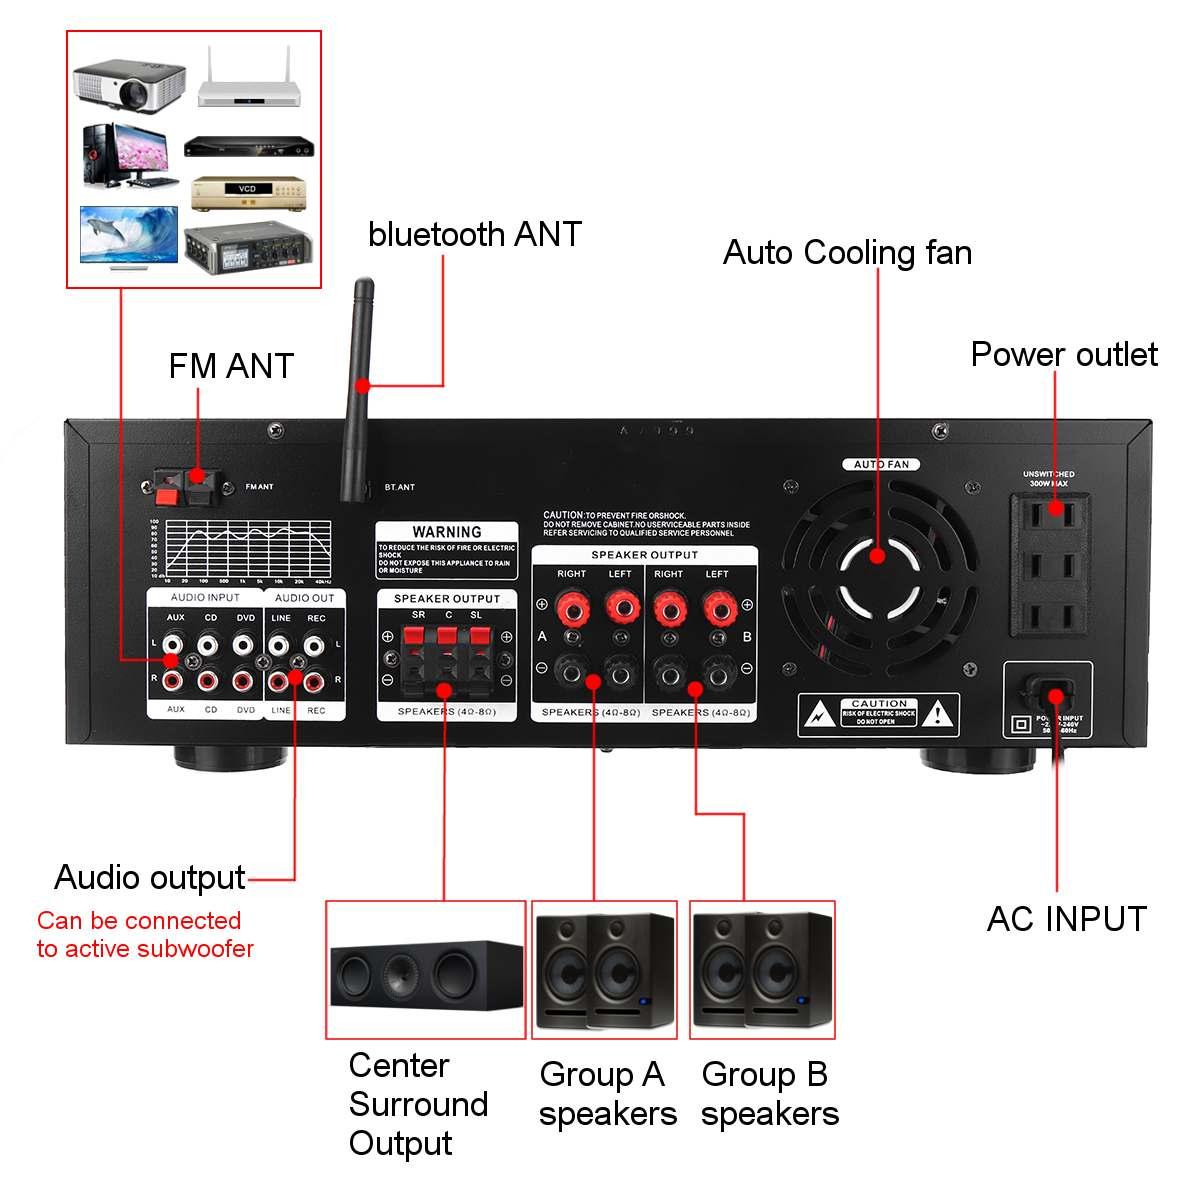 усилитель мощности sunbuck av-999bt, 7-канальный, bluetooth, fm, usb, sd